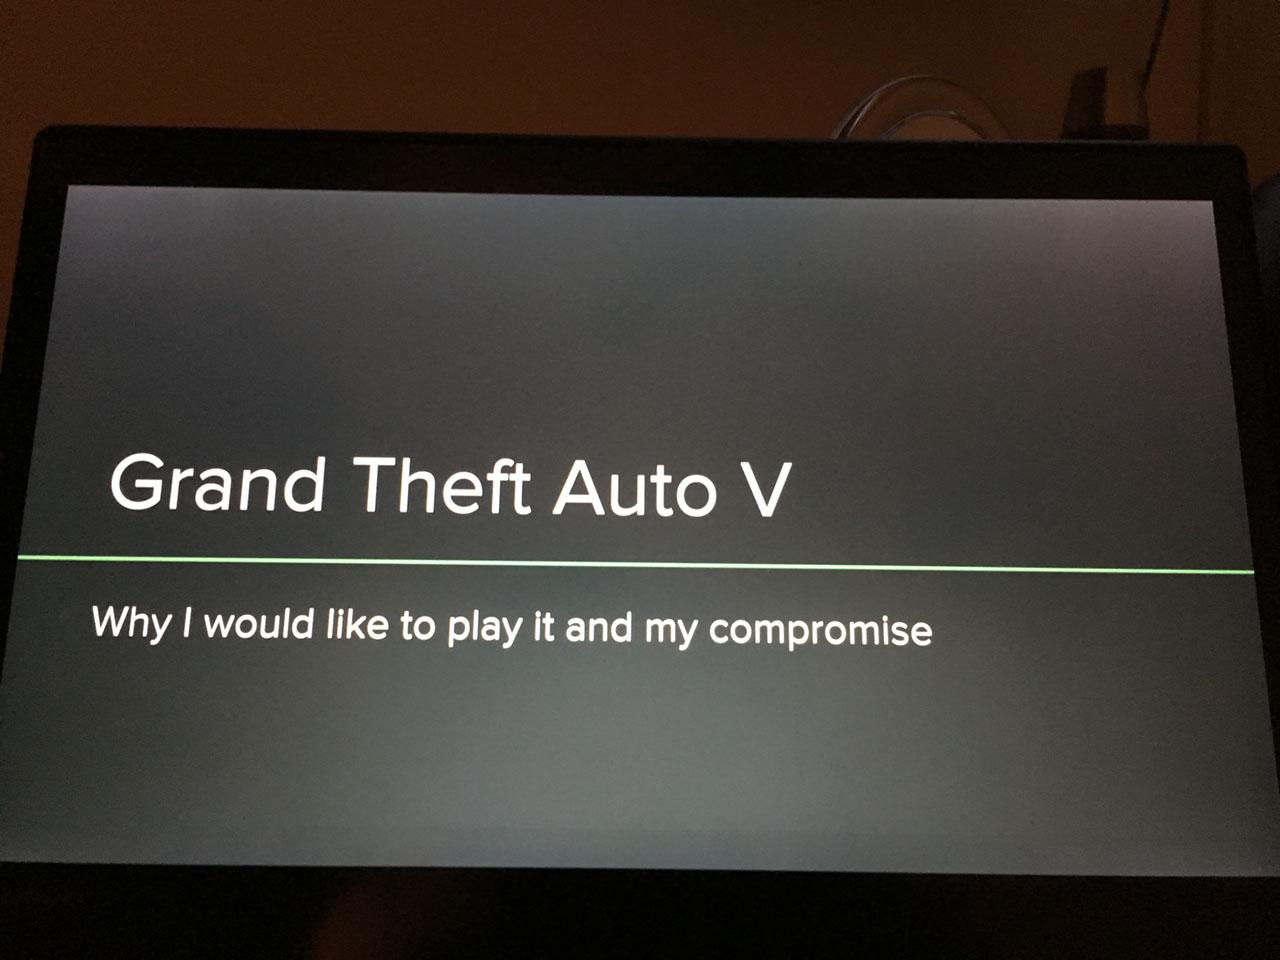 Vous voulez jouer à GTA V mais vos parents ne veulent pas, faites un PowerPoint!